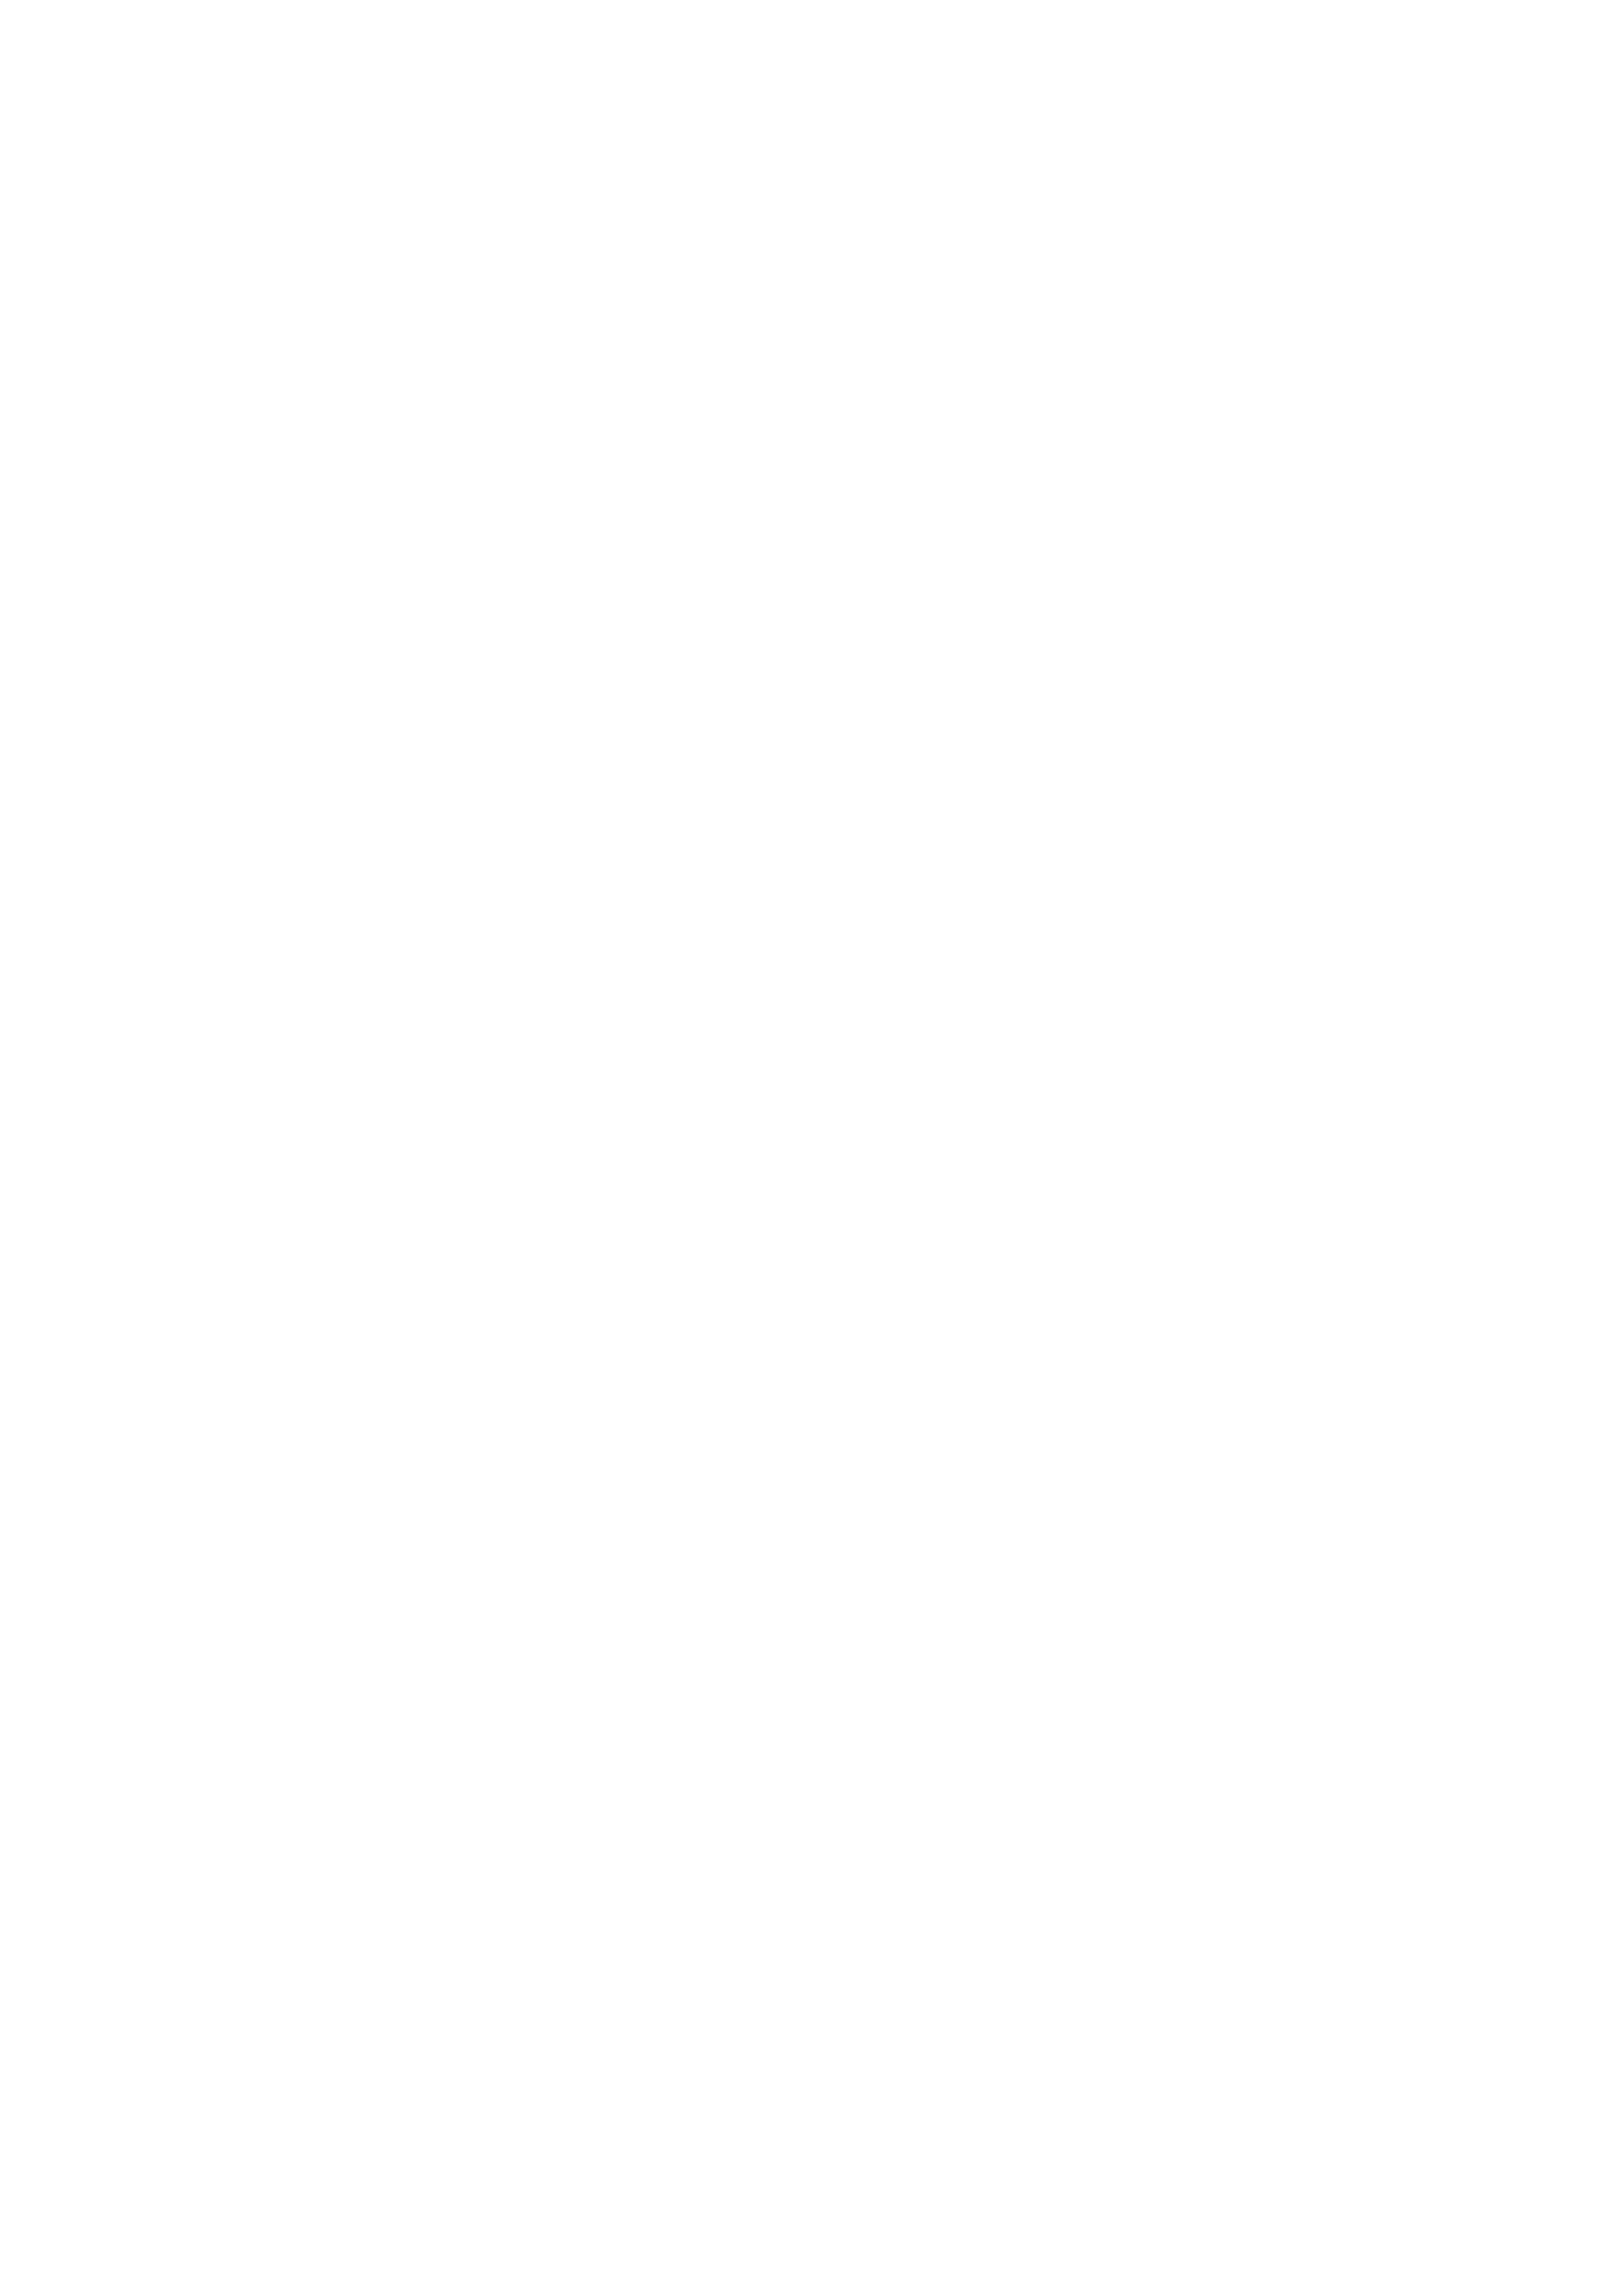 Dakmakers aangesloten bij Vebidak branchevereniging